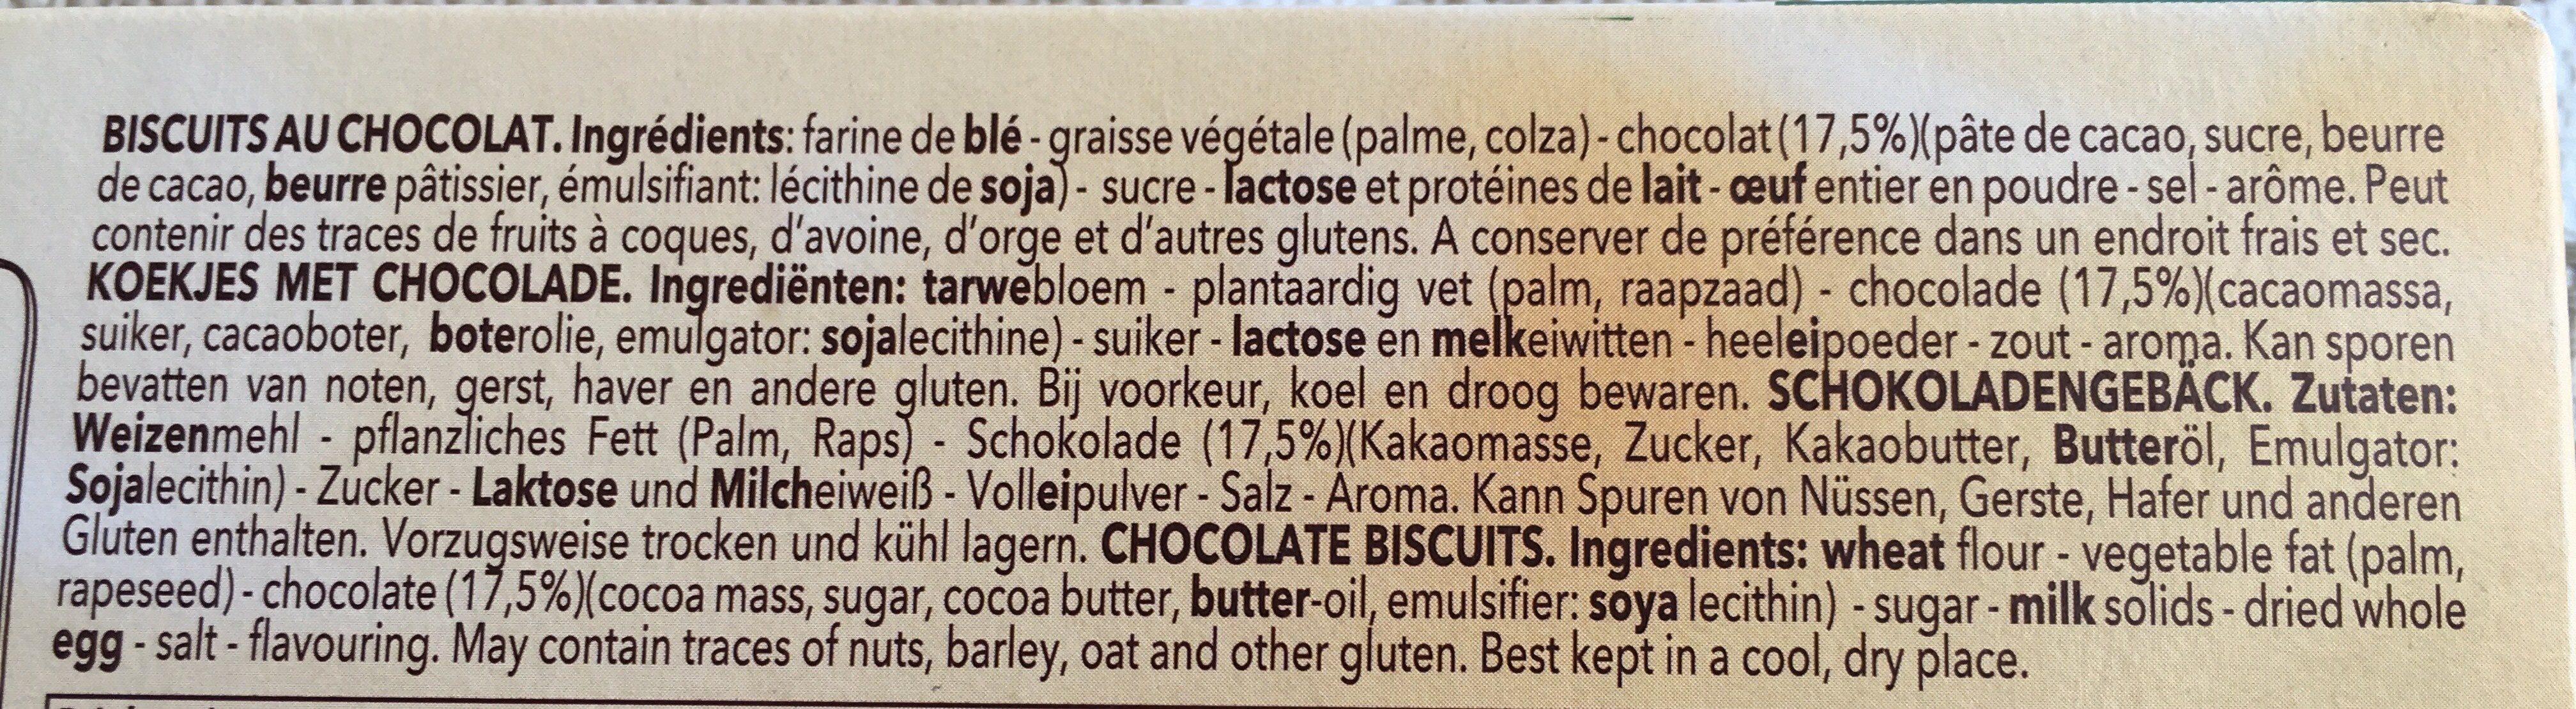 Delacre marquisettes biscuits chocolat - Ingrédients - fr